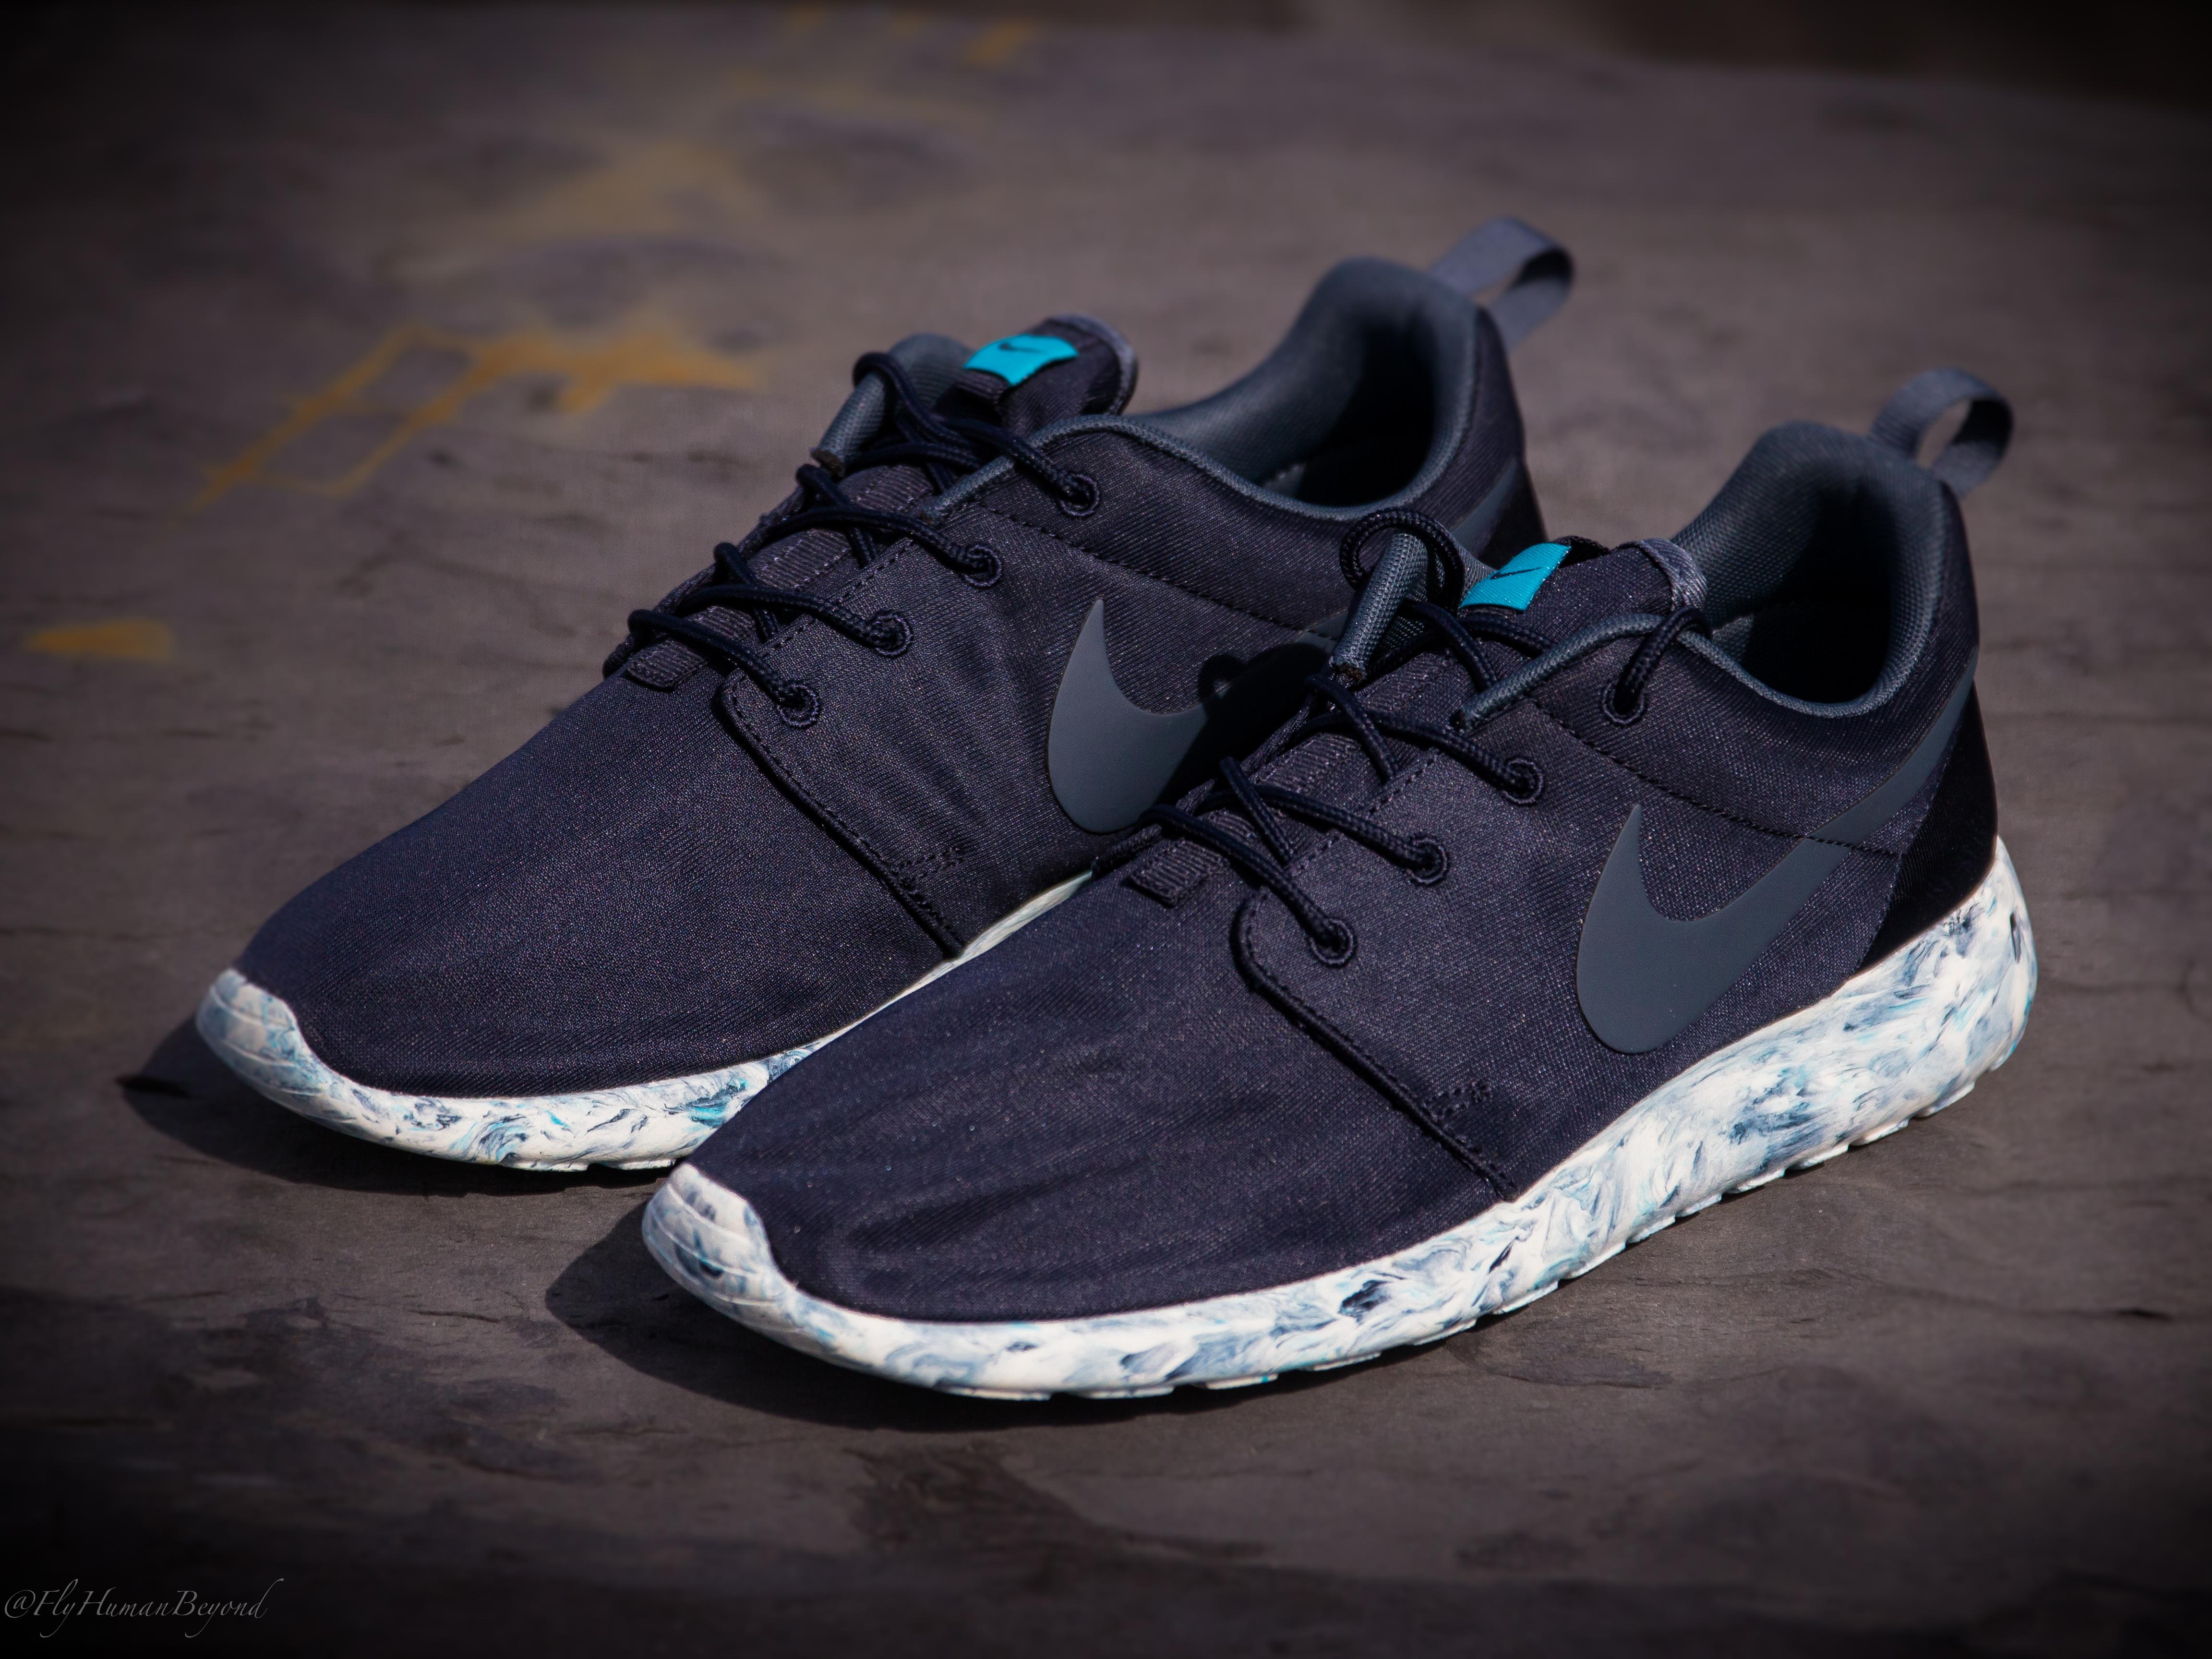 Nike Roshe Run Packer Shoes